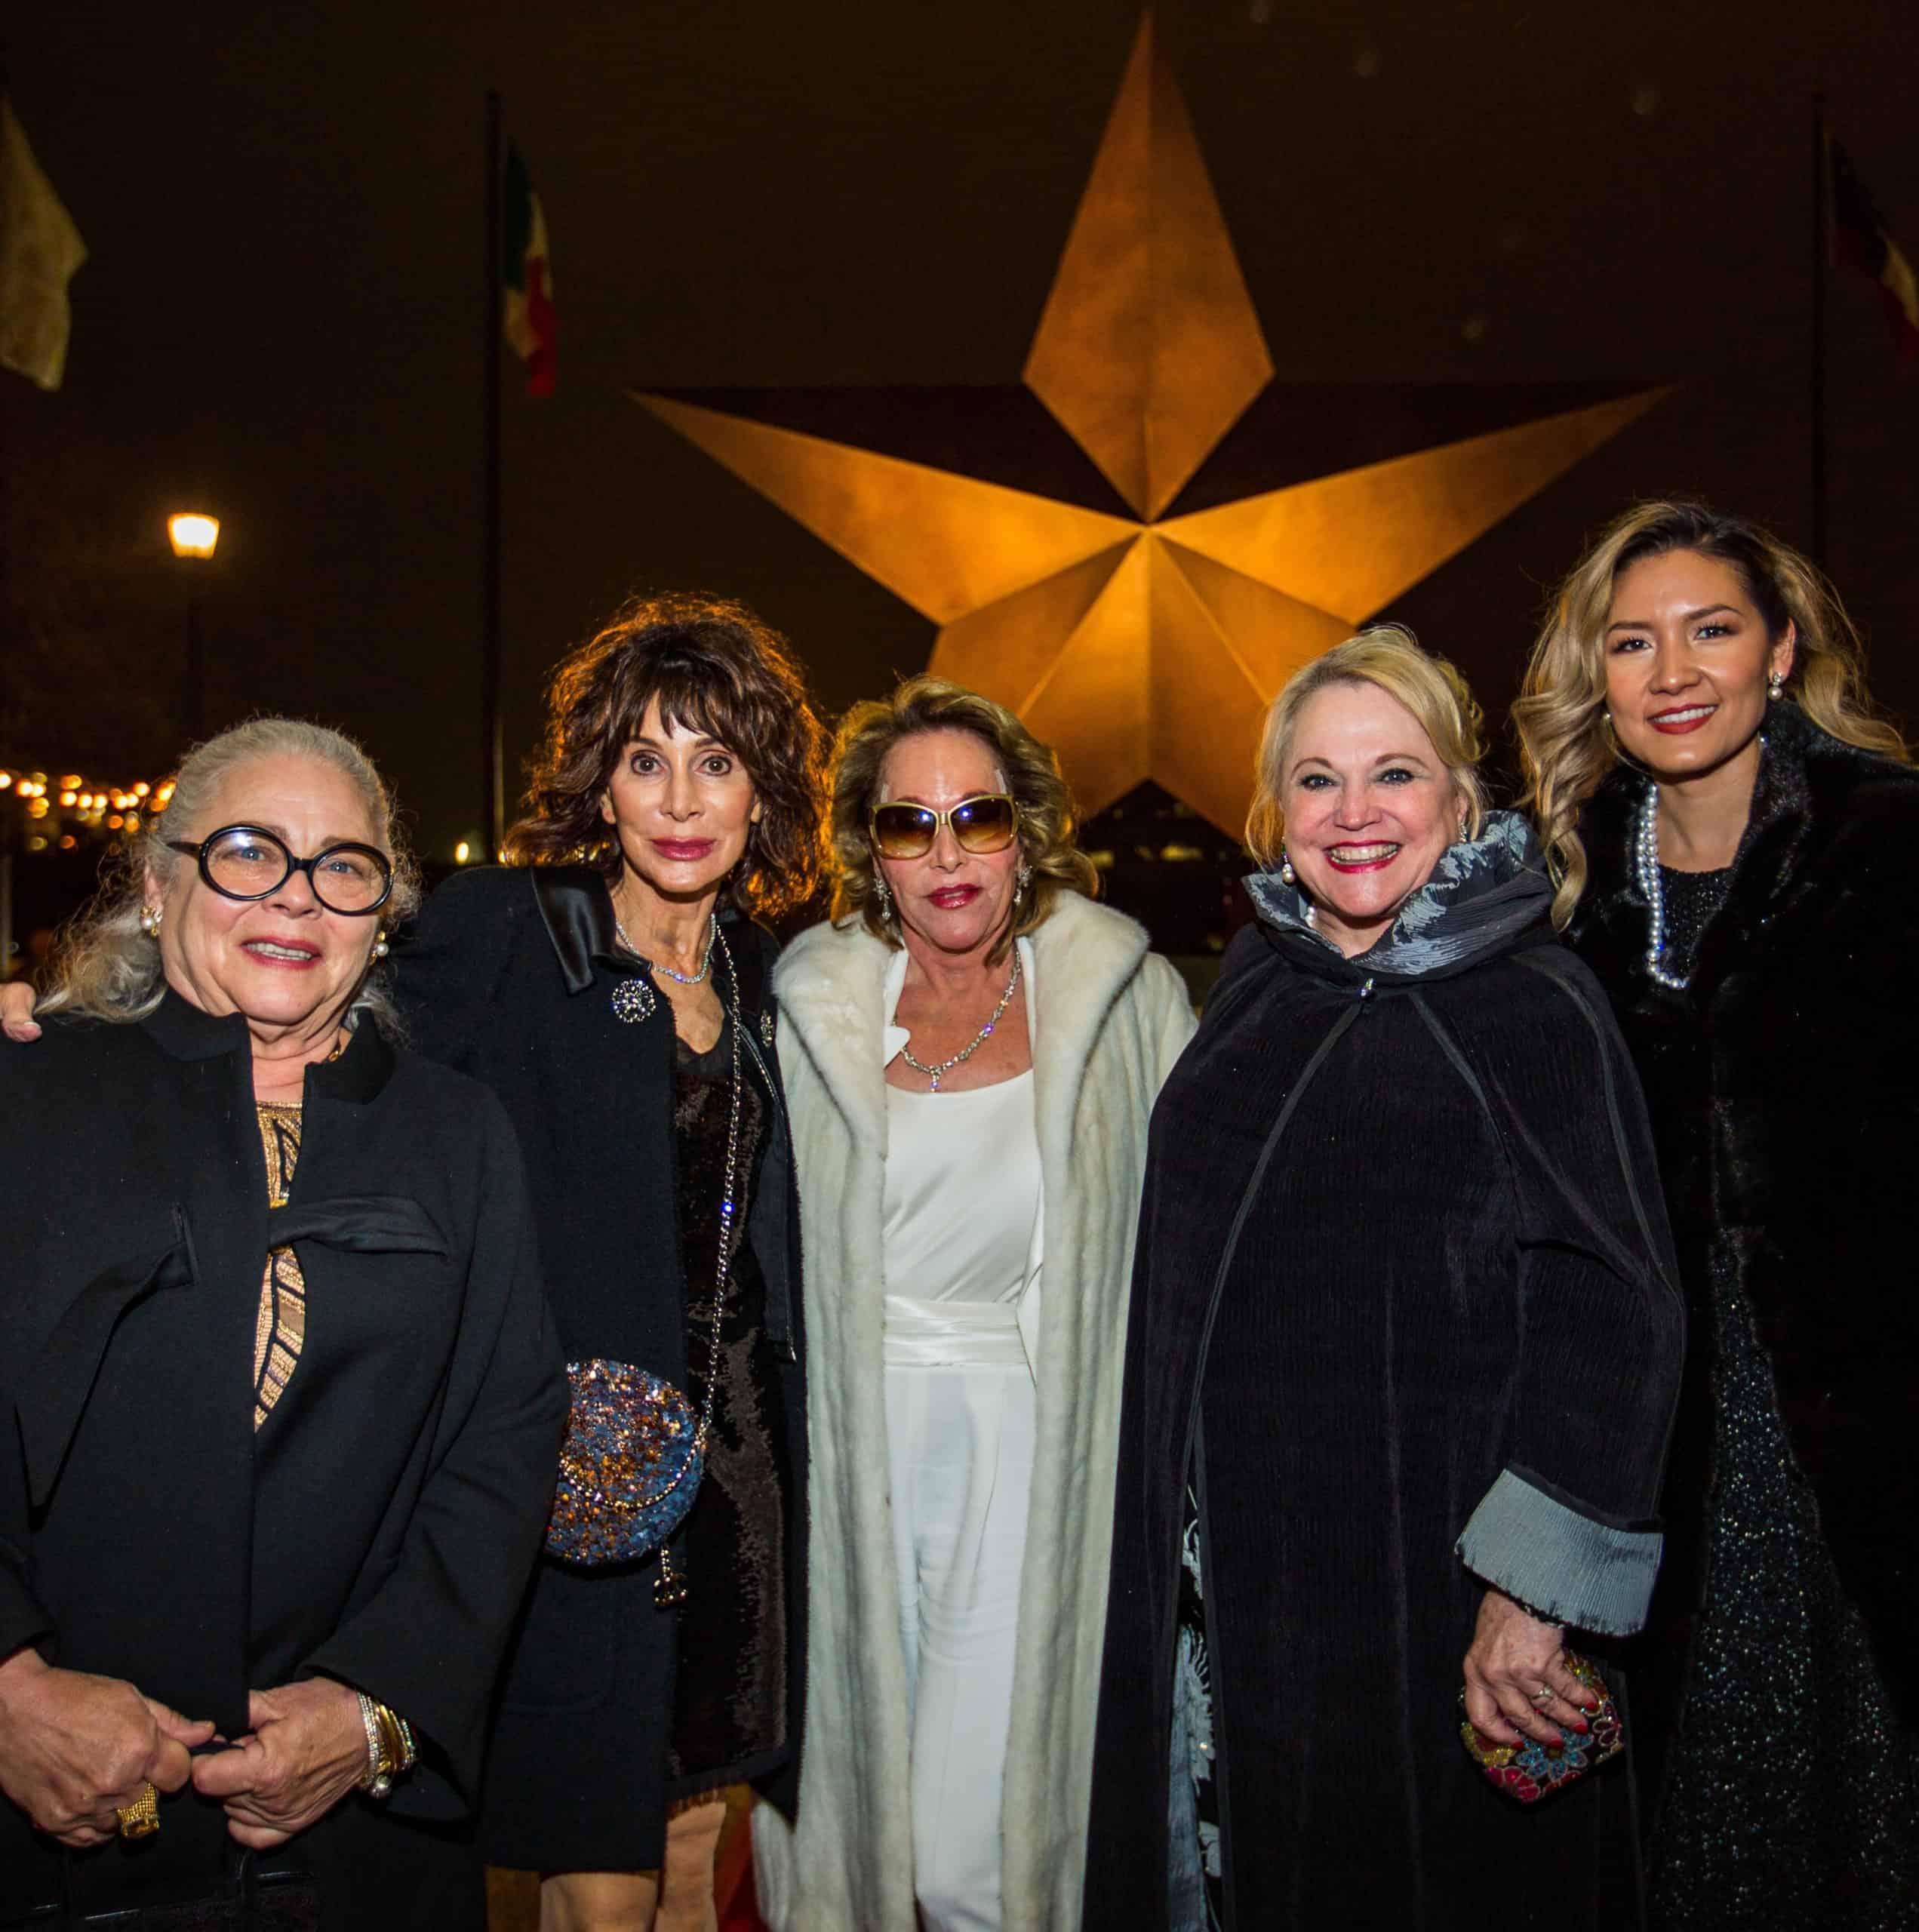 Christina Hawn, Annette Klein, Julianna Hawn Holt, Kathleen Gunn and Claudette Macias